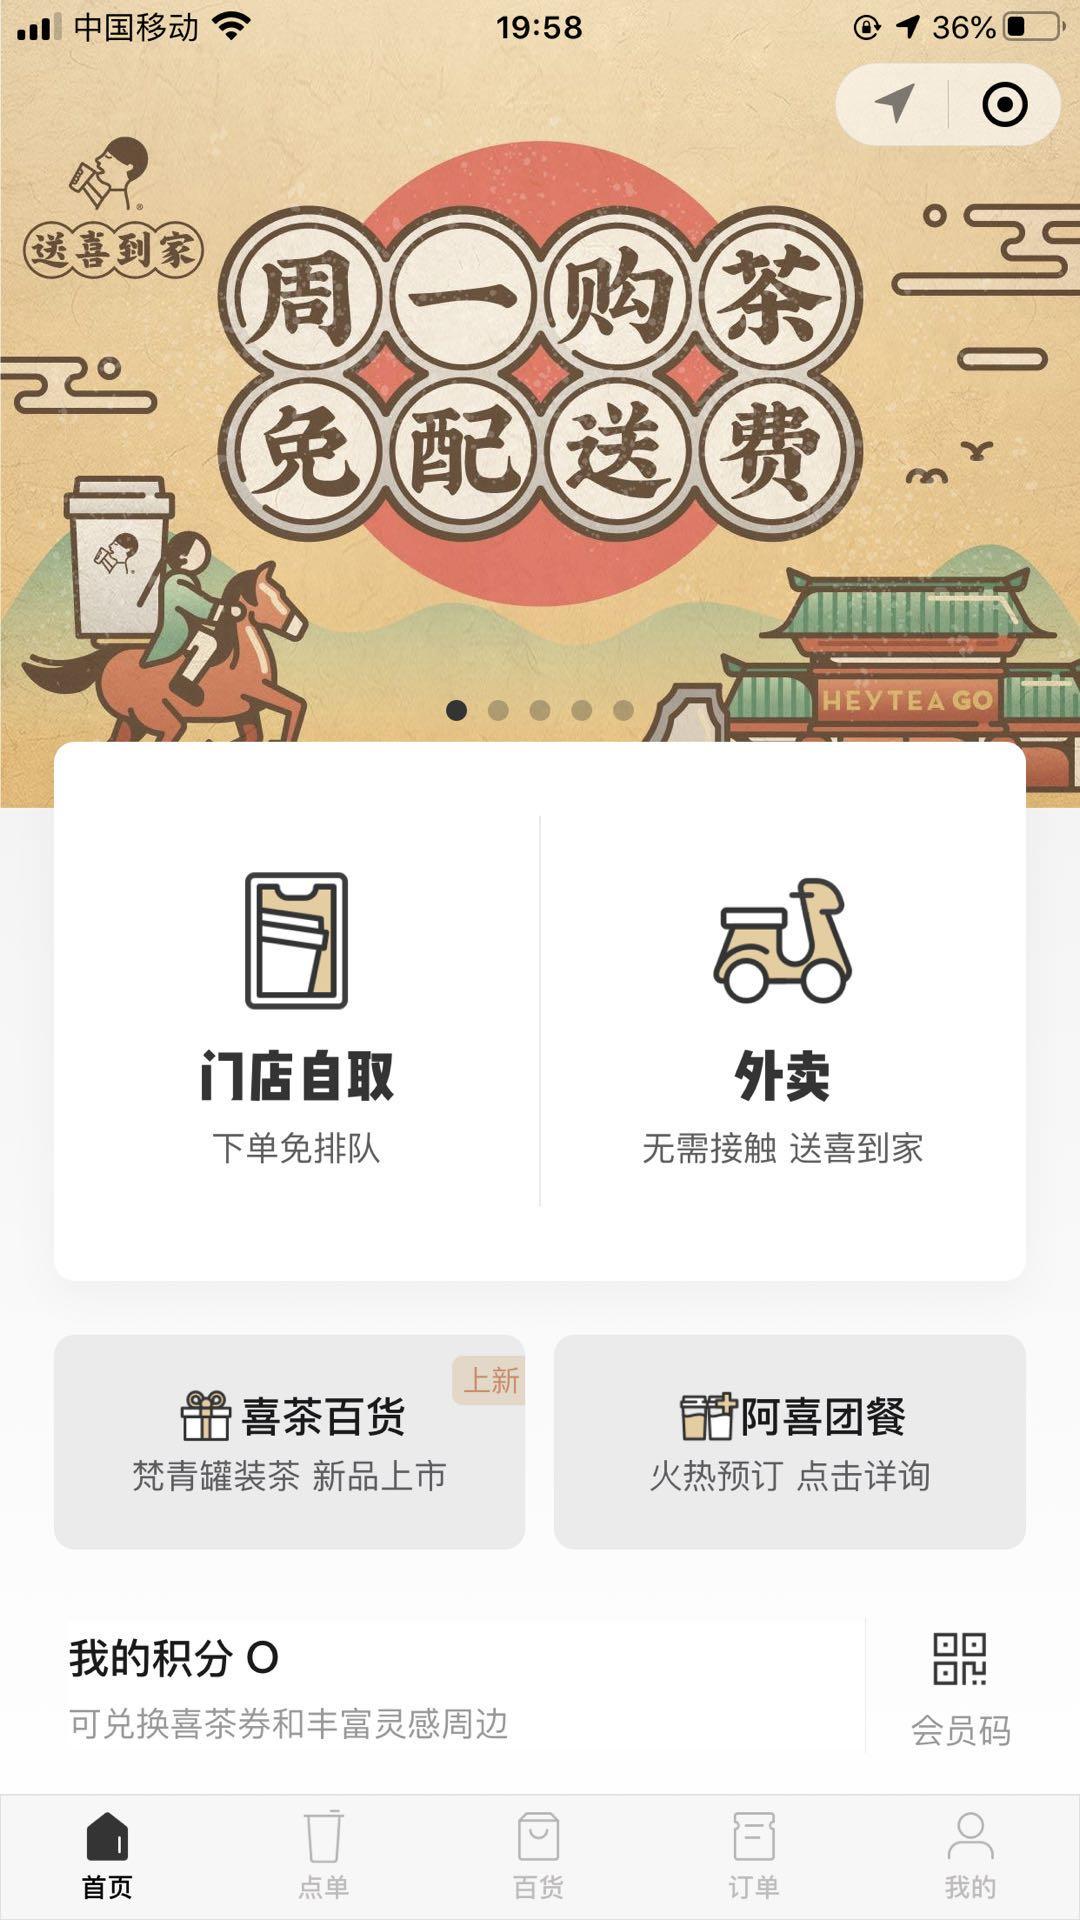 微信图片 20200907200033 仿喜茶go餐饮点单点餐系统源码|奶茶店点单系统